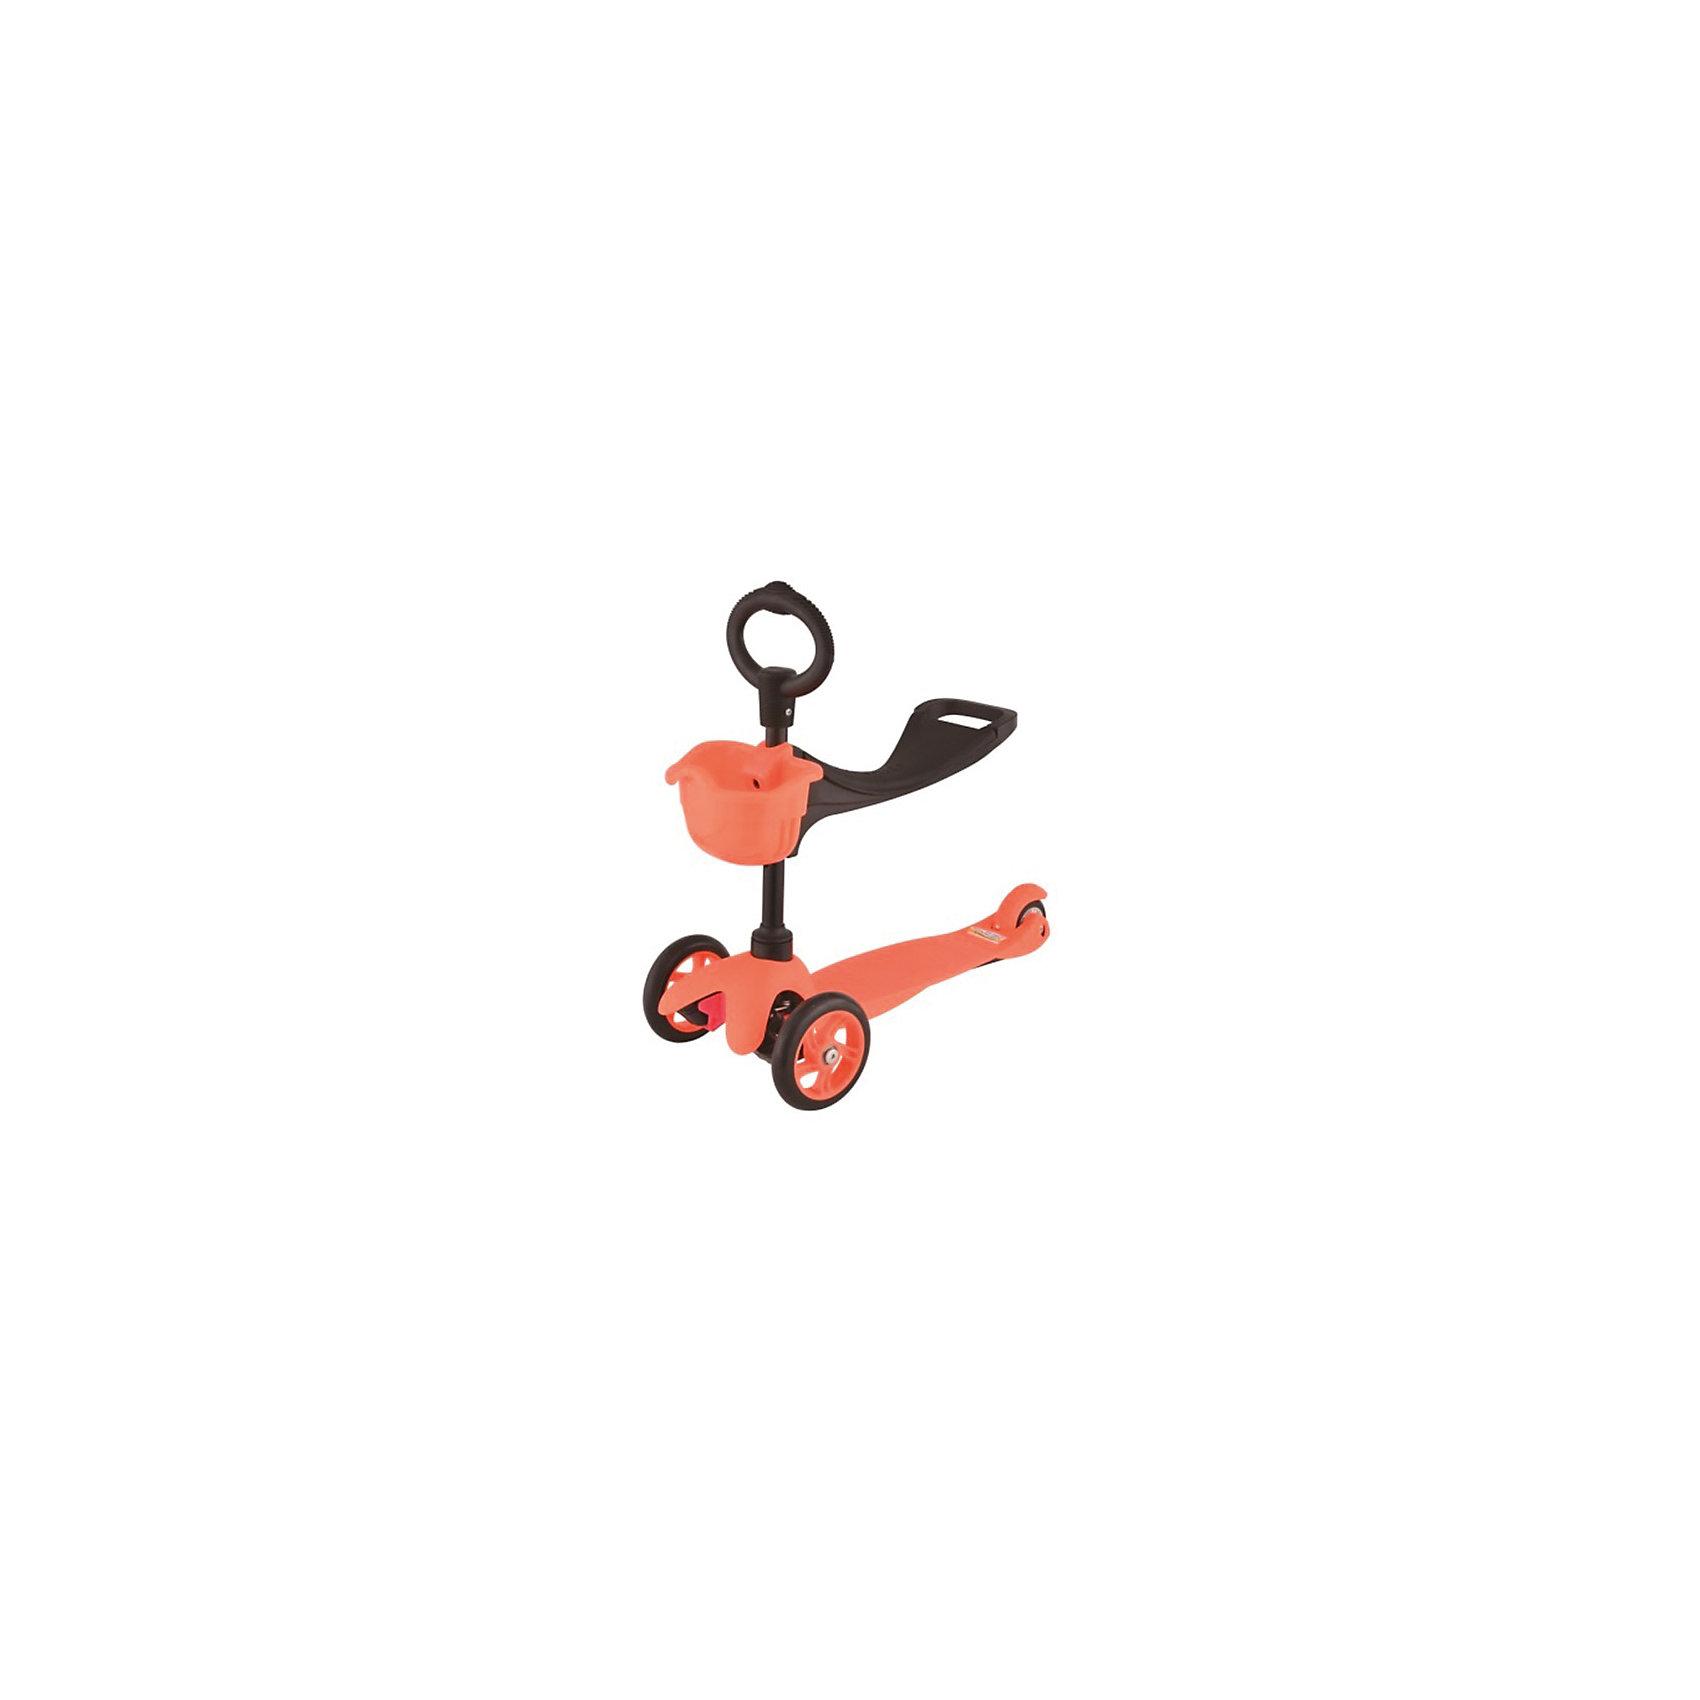 Самокат 3-х колёсный с сидением Maxi Scooter, оранжевый, 21st scooTer21scooter MaxiScooter (SKL-06B) - детский трехколесный самокат со съемным седлом и корзинкой. Самокаты серии micro от фирмы 21st scooter - это самокаты нового поколения. Они имеют улучшенную конструкцию и более высокие технические показатели.Ребенок сидит на сиденье и продвигается вперед, отталкиваясь ножками, точно так же, как на беговеле или машине-каталке. К тому же, сидение можно регулировать по высоте под рост ребенка в 2-х положениях. Как только ребенок почувствует себя более уверенно на ногах, самокат можно использовать как обычный с низкой О-образной ручкой.Размер платформы: 52 x 11 см.Диаметр передних колес: 12.5 см.Диаметр заднего колеса: 8 см.Тип подшипников: Abec-7.Максимальная нагрузка на платформу: 30 кг.Максимальная нагрузка на сиденье: 20 кг.<br>Высота руля: 67 см<br><br>Ширина мм: 610<br>Глубина мм: 450<br>Высота мм: 390<br>Вес г: 3100<br>Возраст от месяцев: 12<br>Возраст до месяцев: 2147483647<br>Пол: Унисекс<br>Возраст: Детский<br>SKU: 5475701